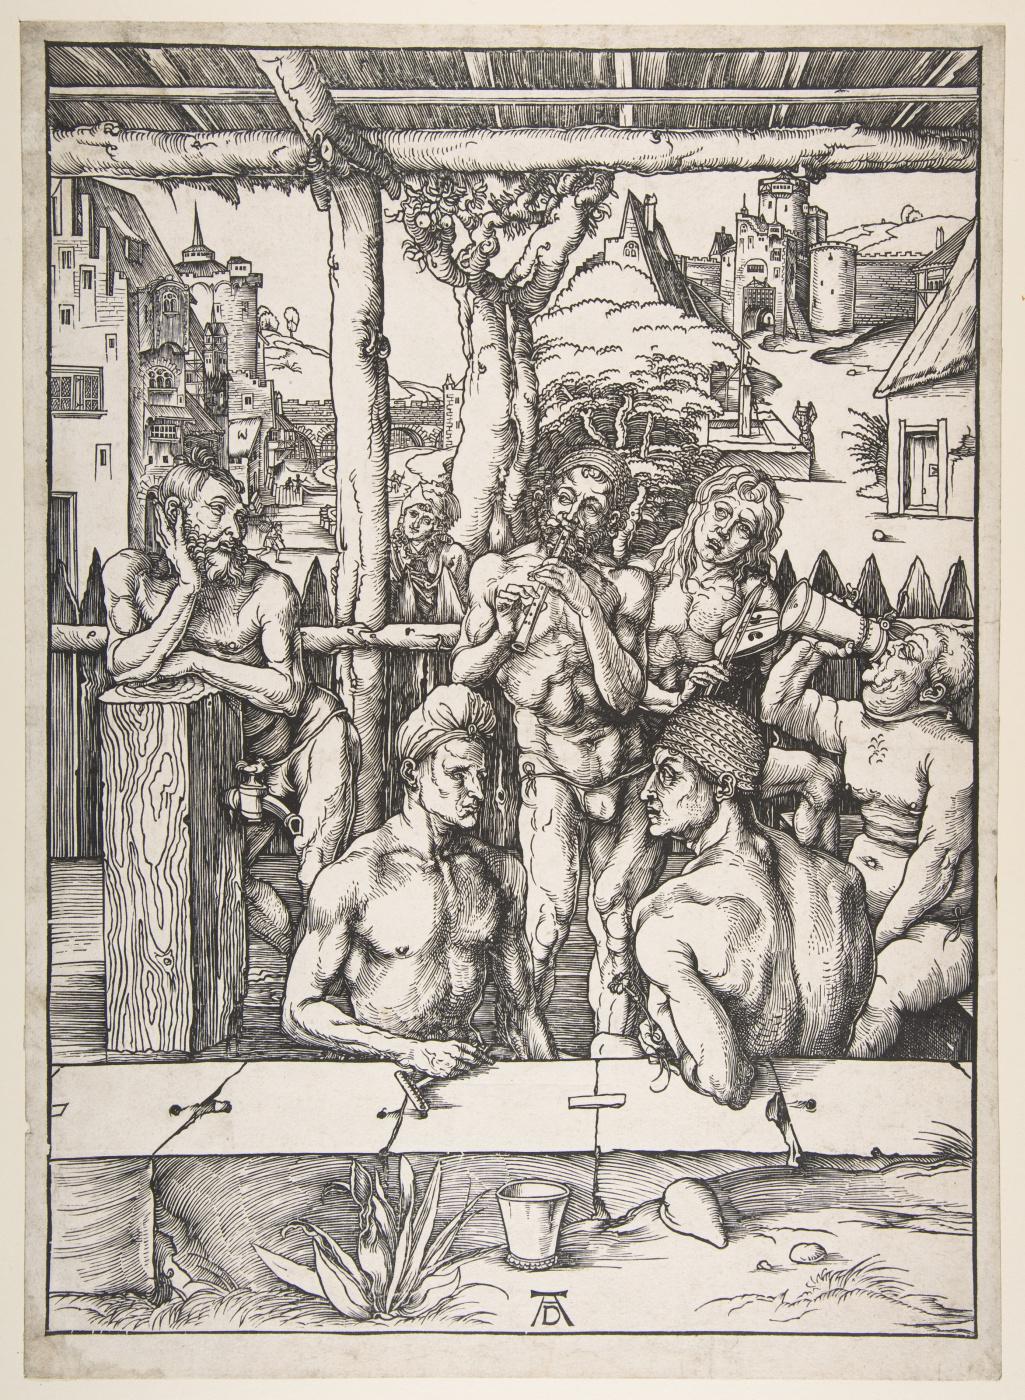 Albrecht Dürer. Men's bath